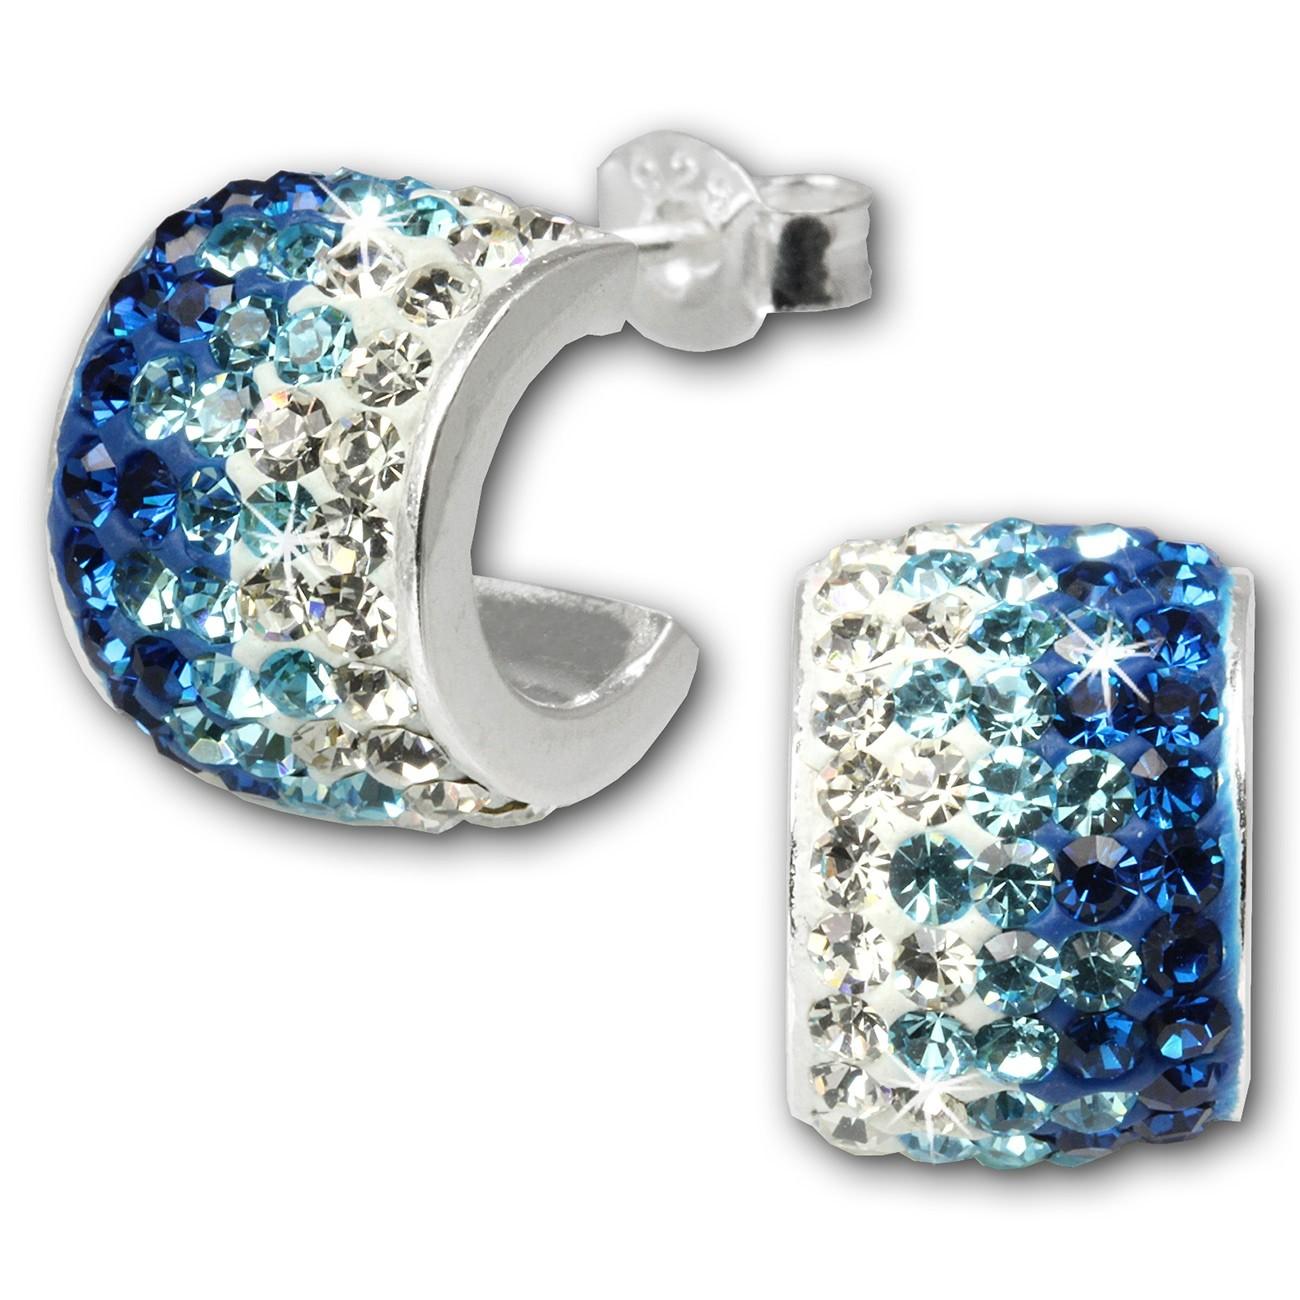 SilberDream Glitzer Creole Beauty Preciosa Kristalle blau GSO010B